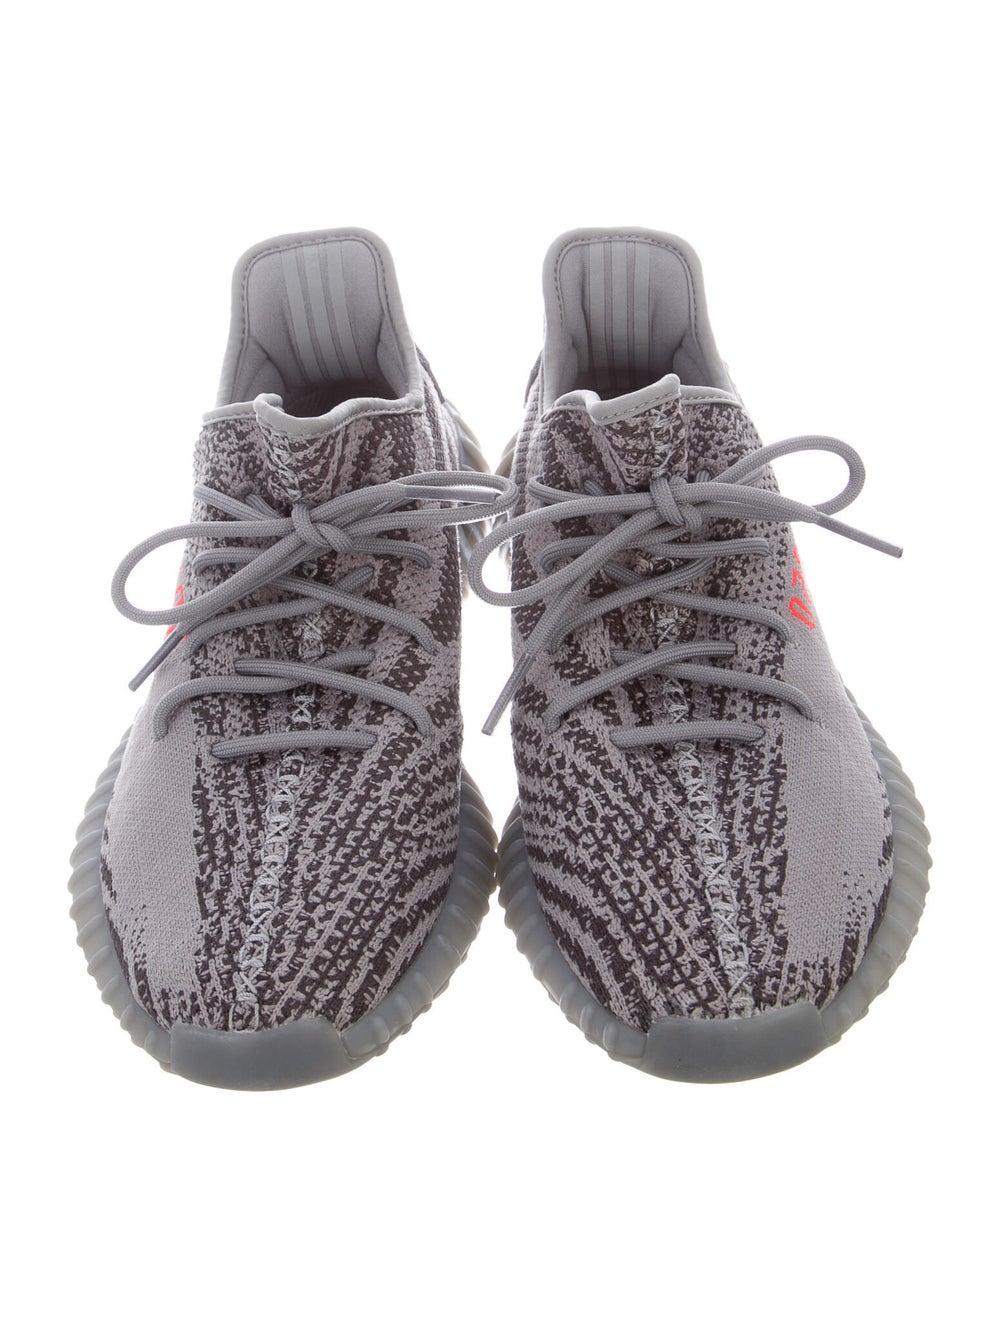 Yeezy Yeezy Boost 350 V2 Beluga 2.0 Sneakers Grey - image 3